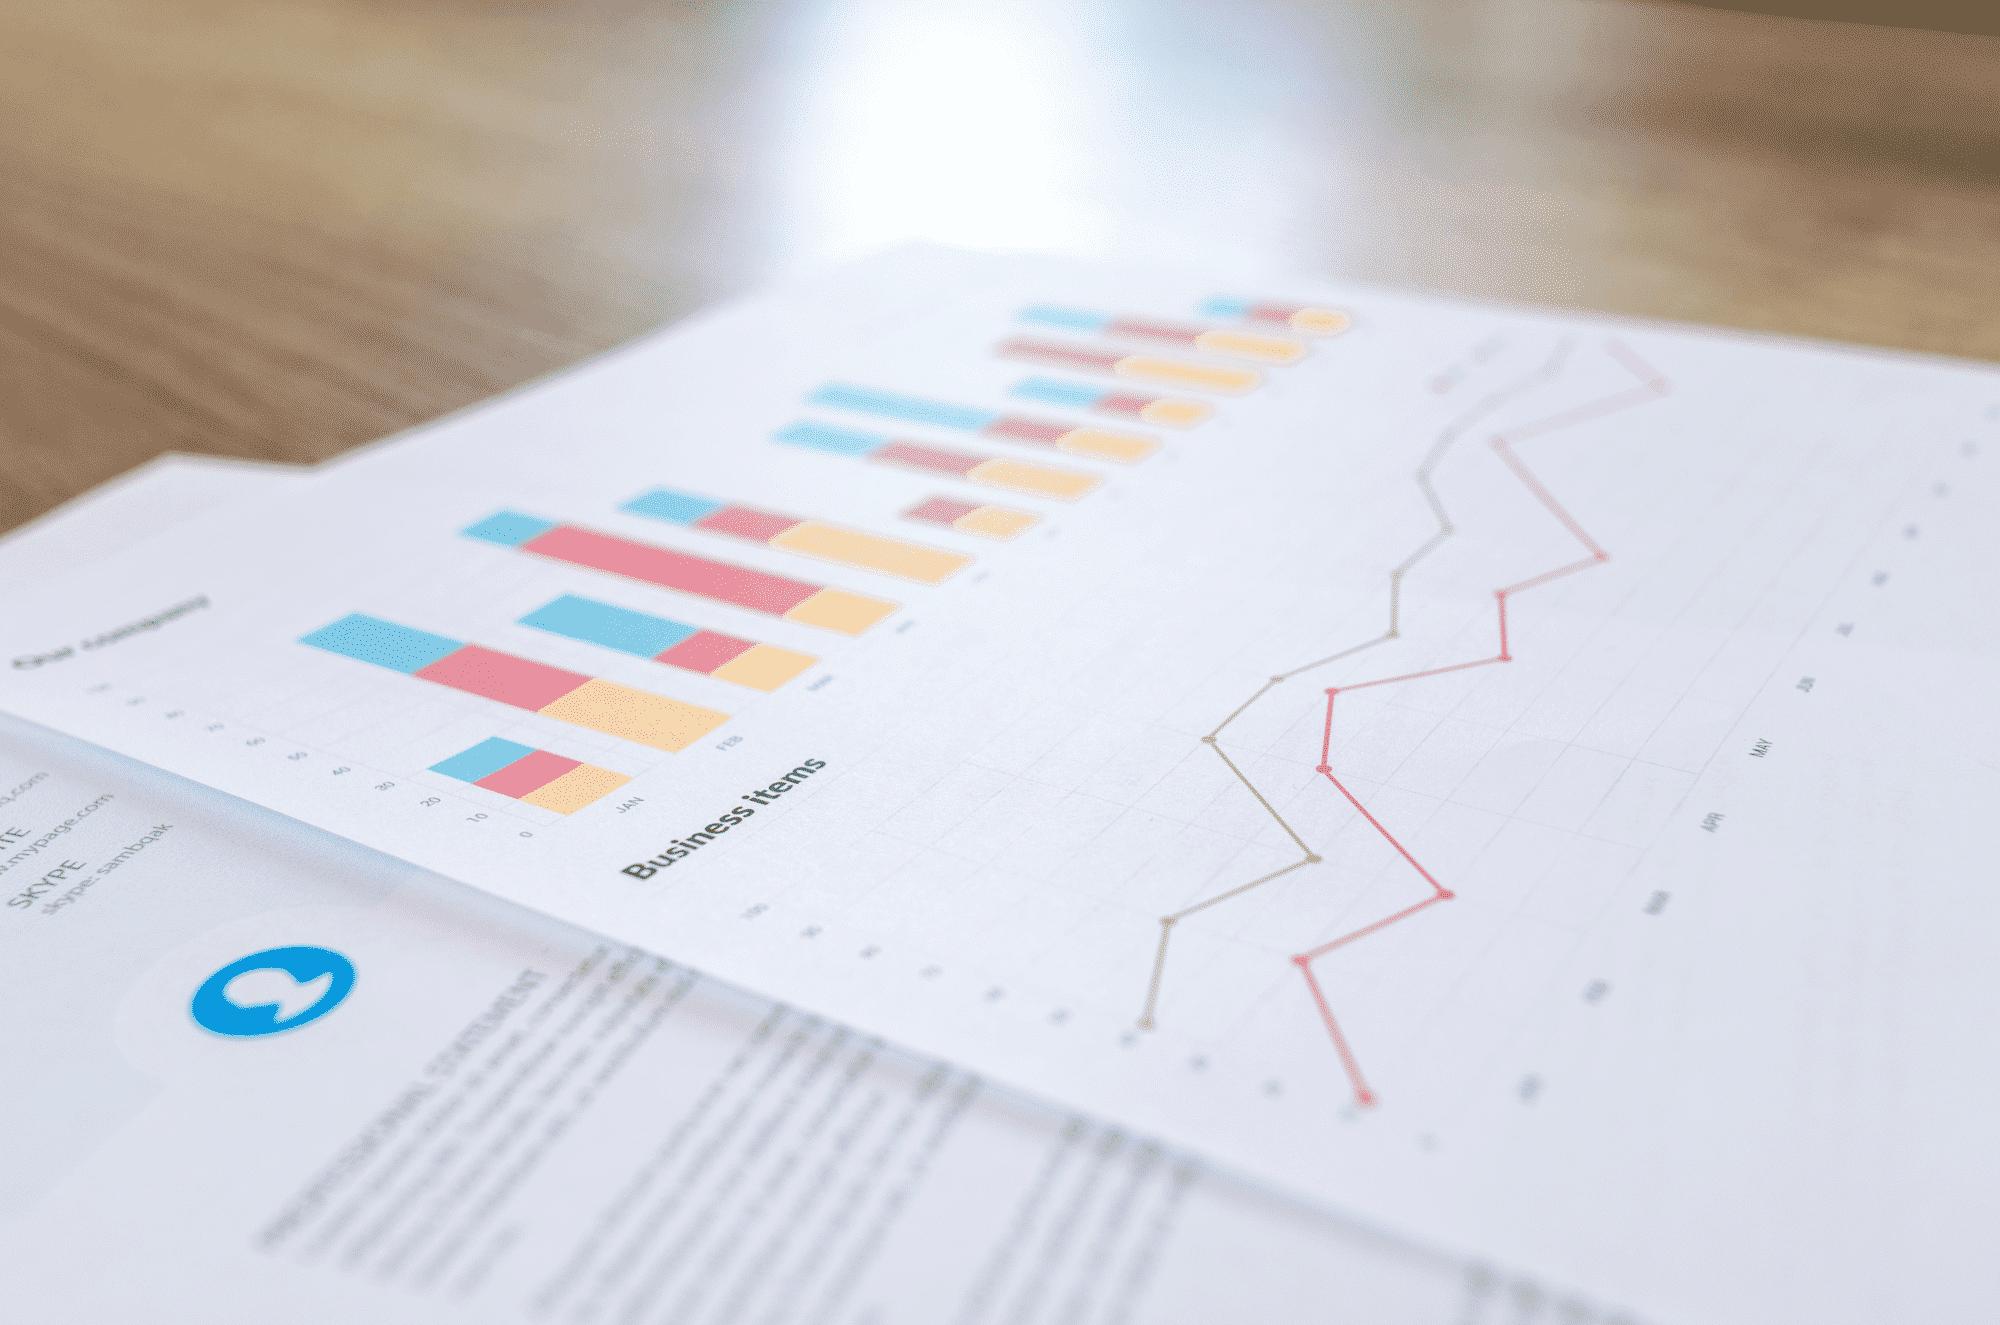 Financiële sector | Big data bij banken en verzekeraars